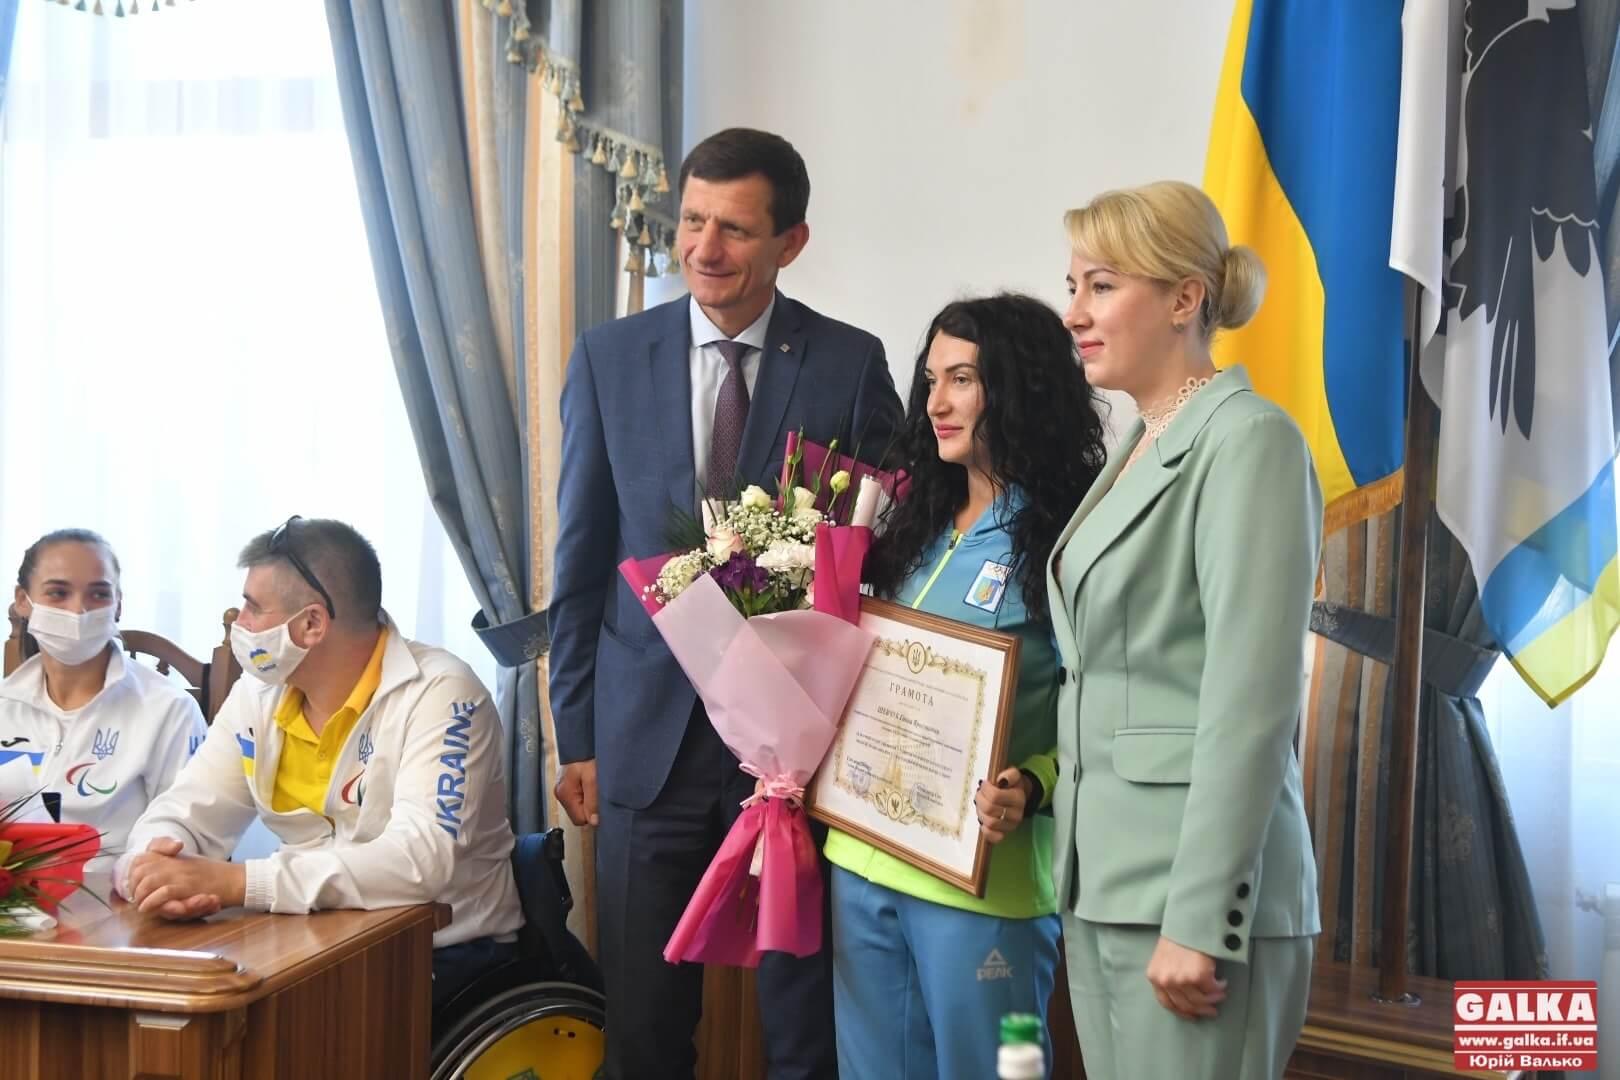 Близько 90 найкращих спорстменів області відзначили в Івано-Франківську (ФОТО)